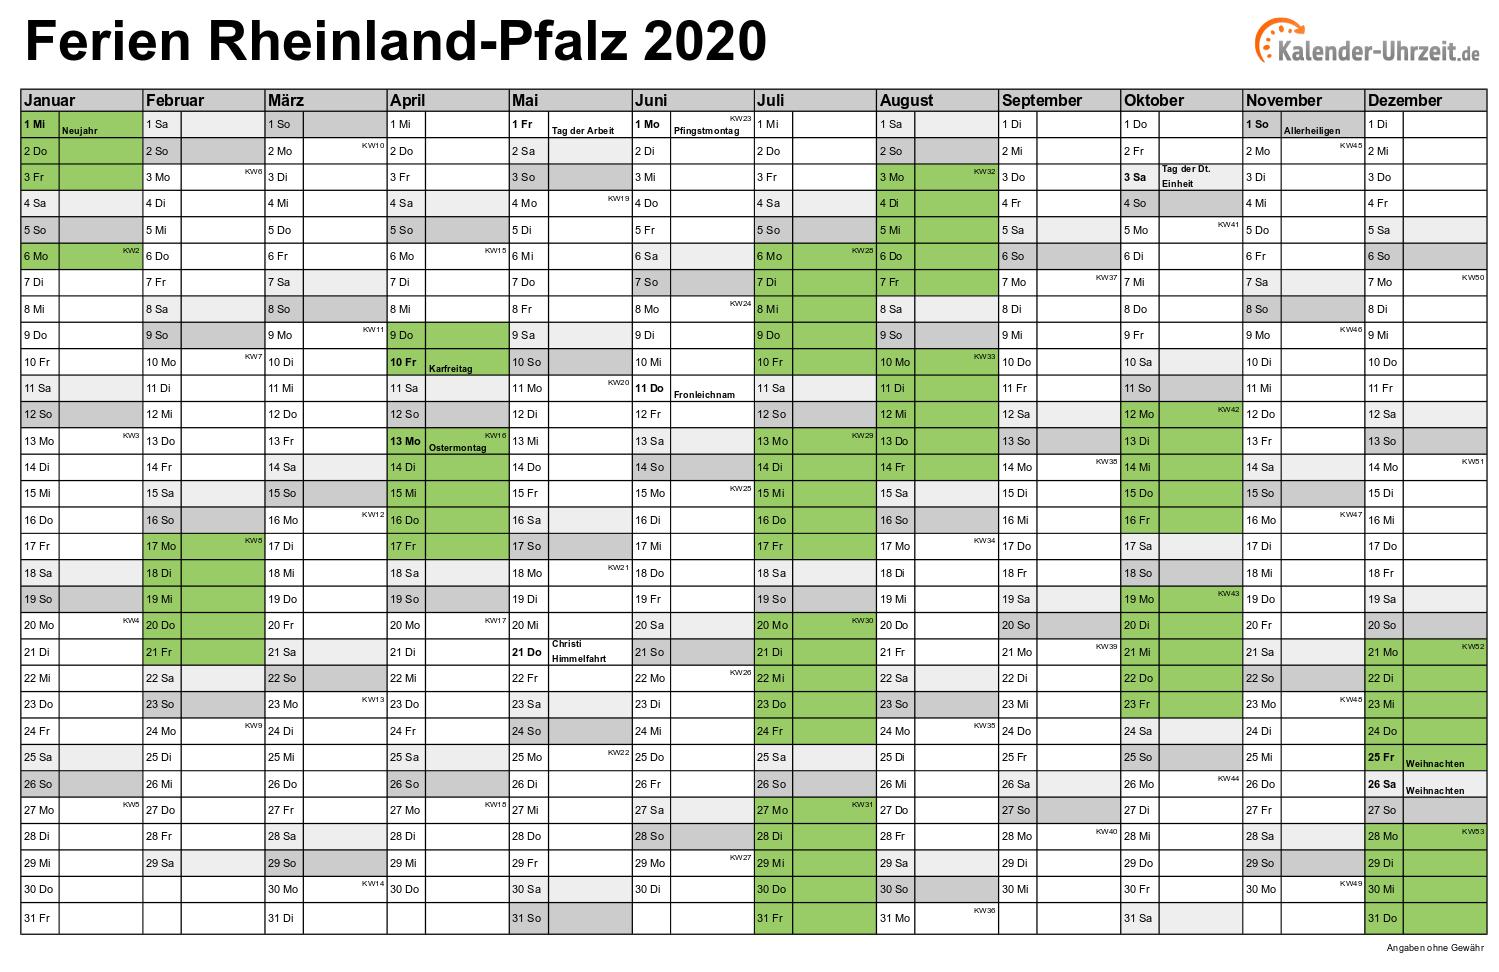 Feiertage Rheinlandpfalz 2020